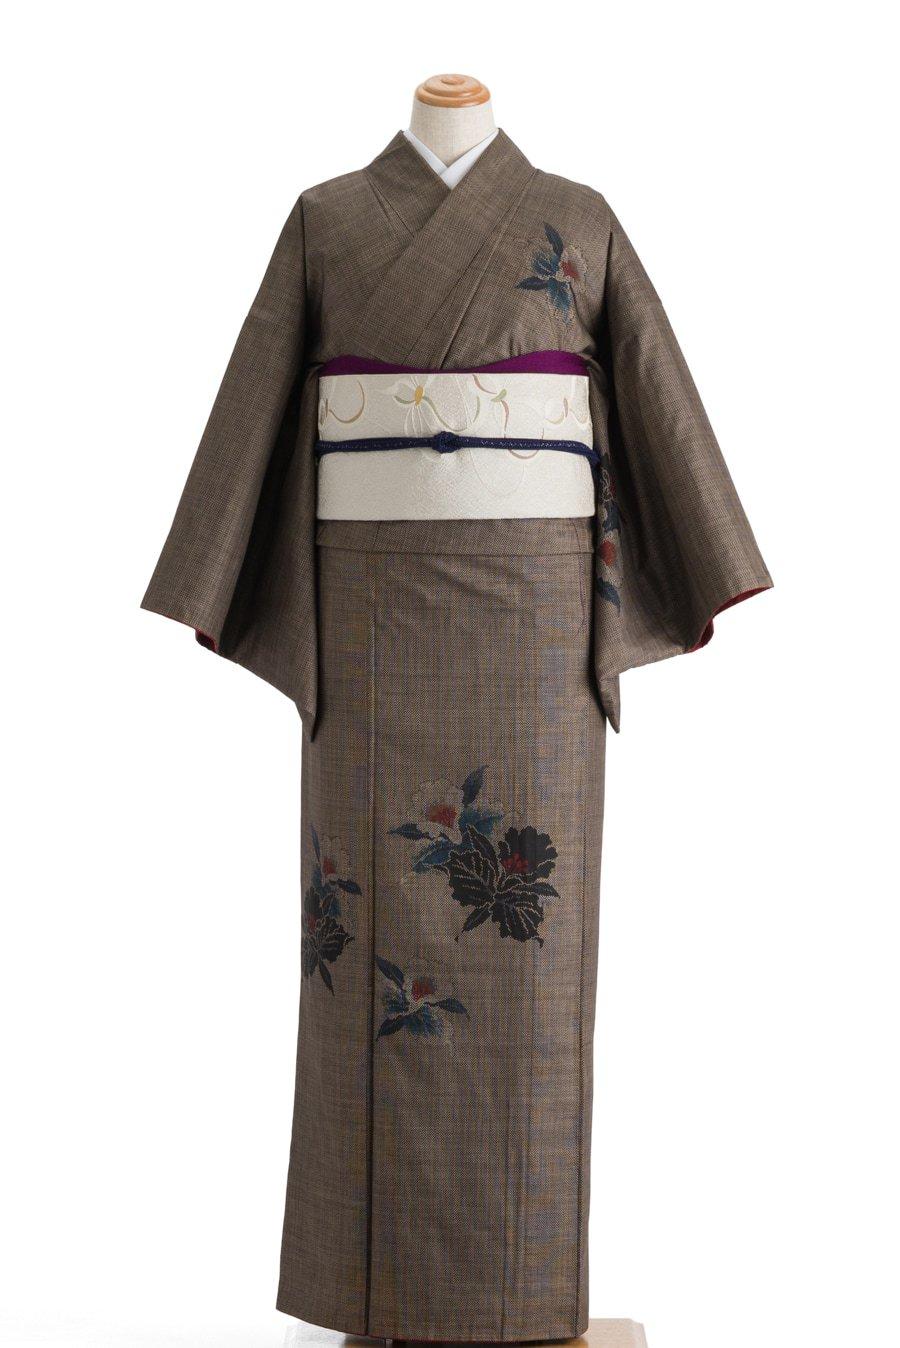 「大島紬 付け下げ カトレア」の商品画像